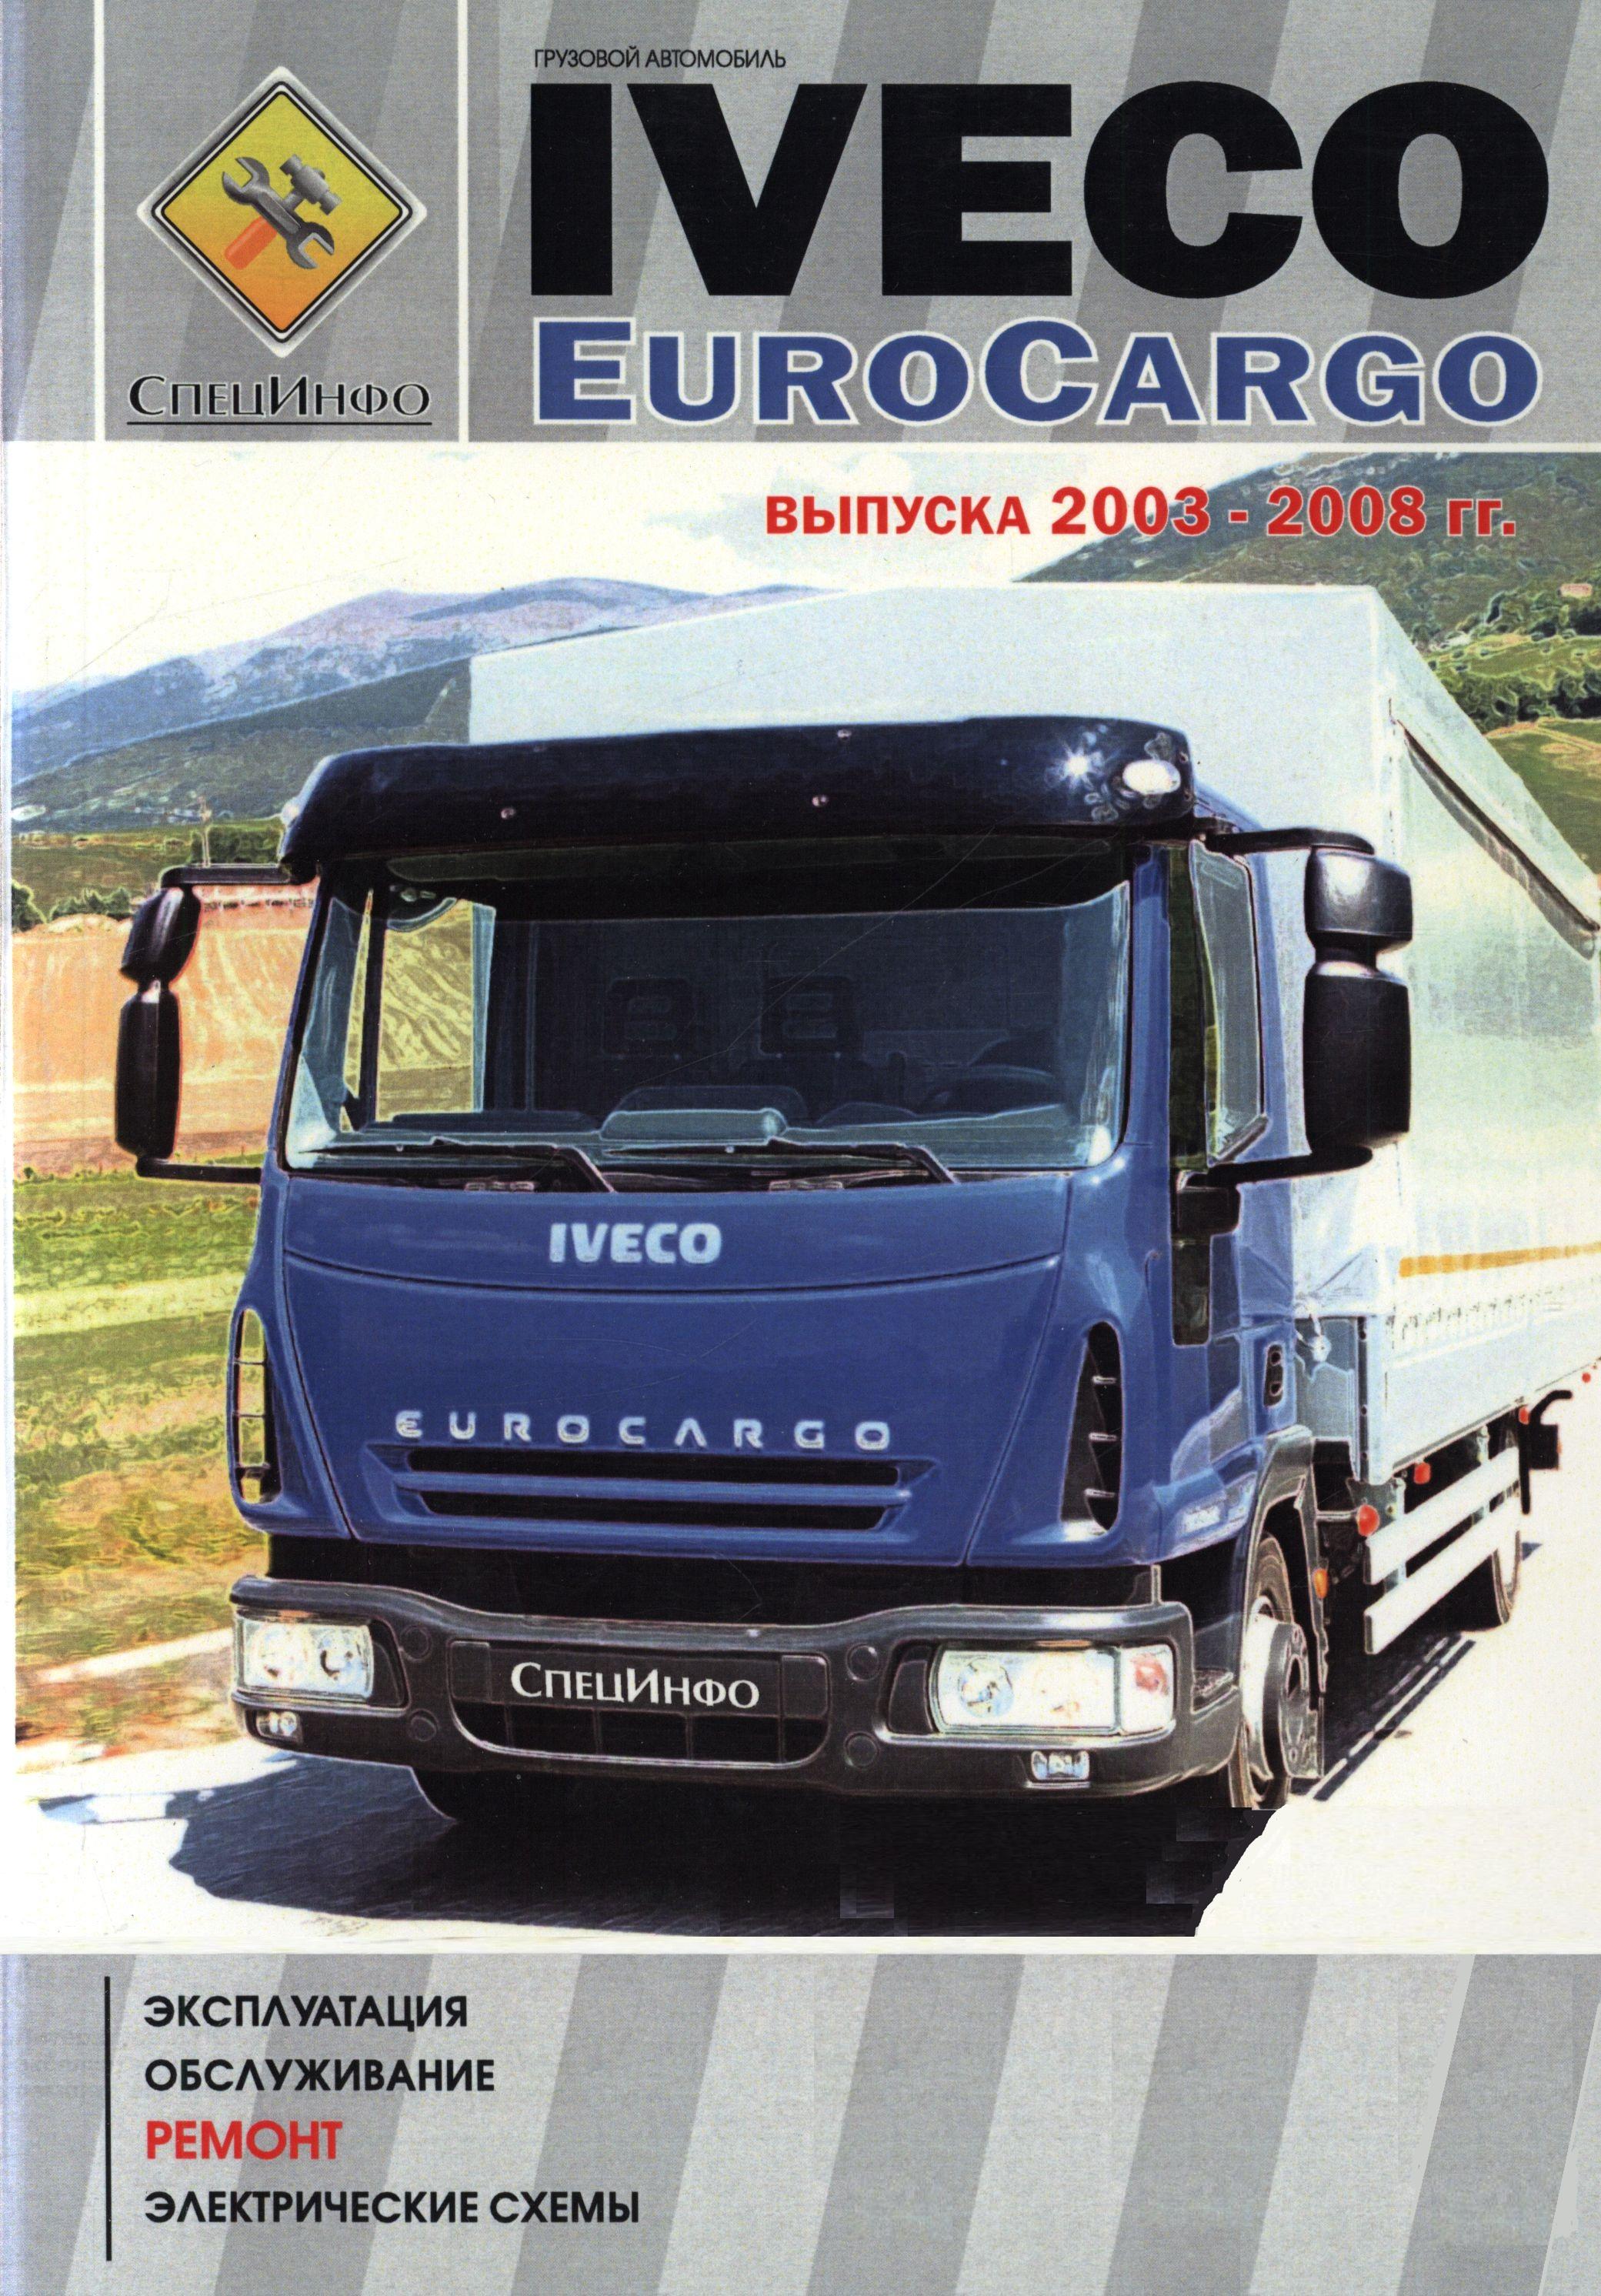 руководство по эксплуатации и ремонту ивко еврокарго